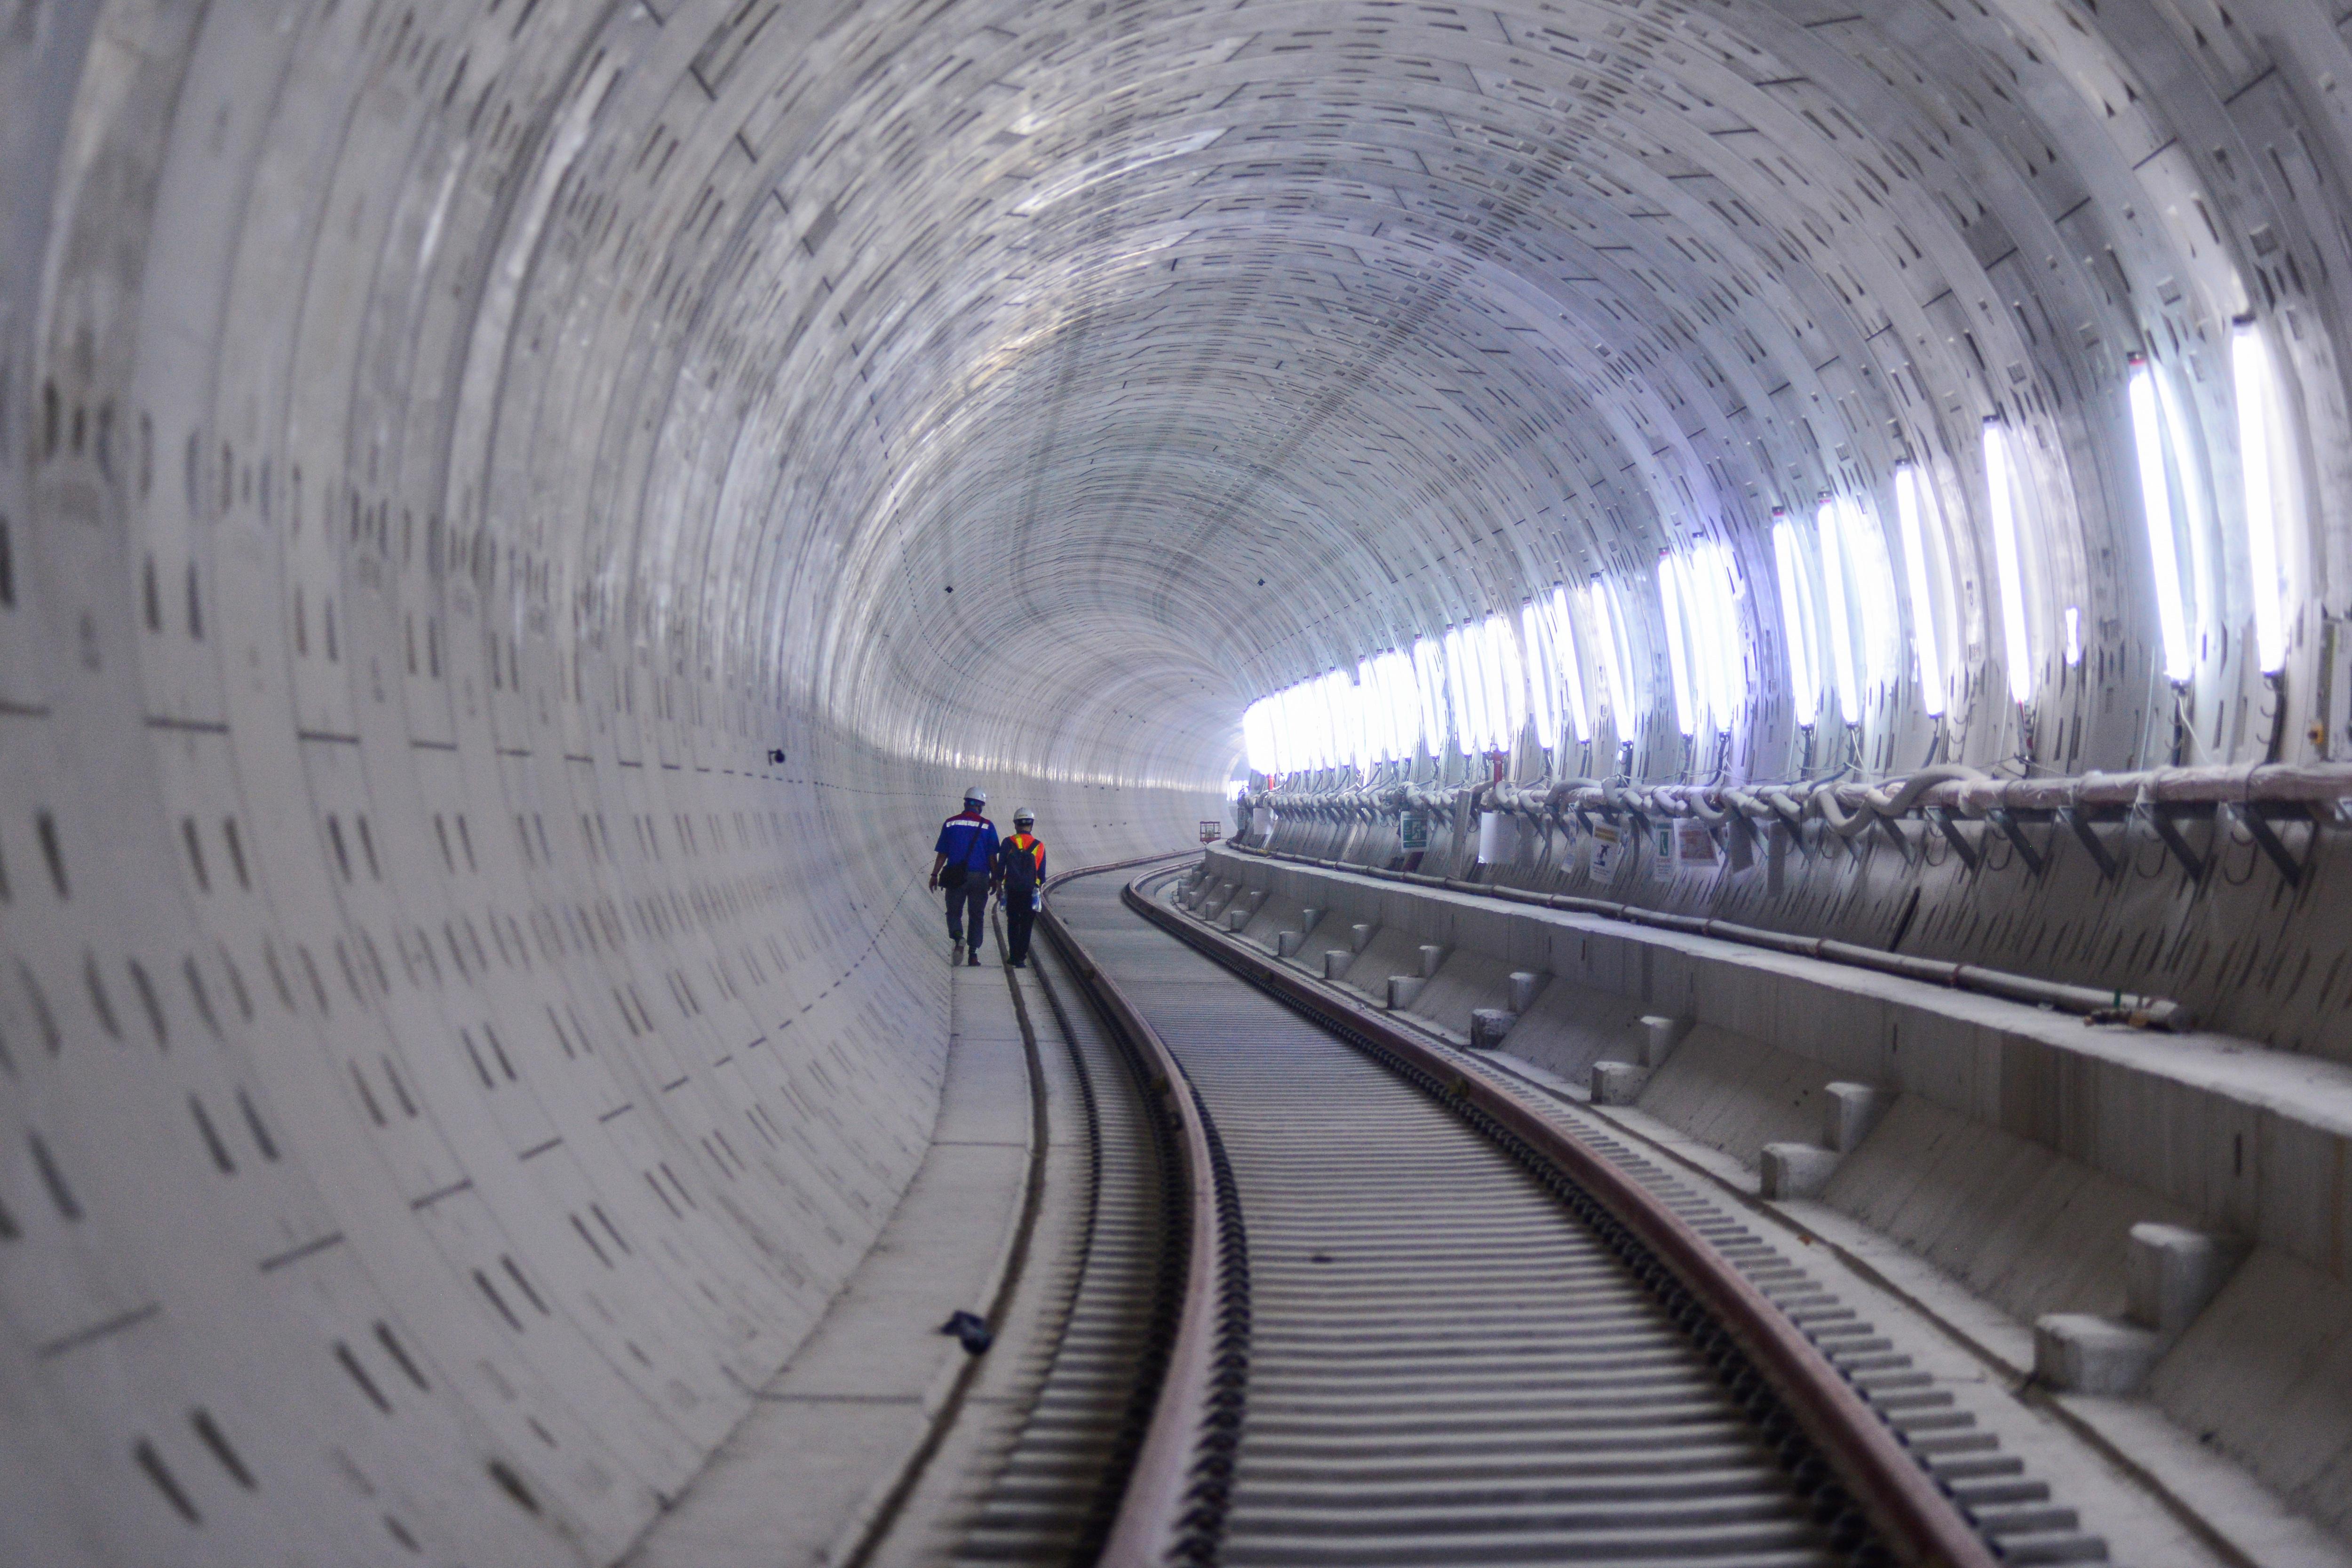 Ngắm tuyến metro đầu tiên của TPHCM sau gần 10 năm chờ đợi - 11